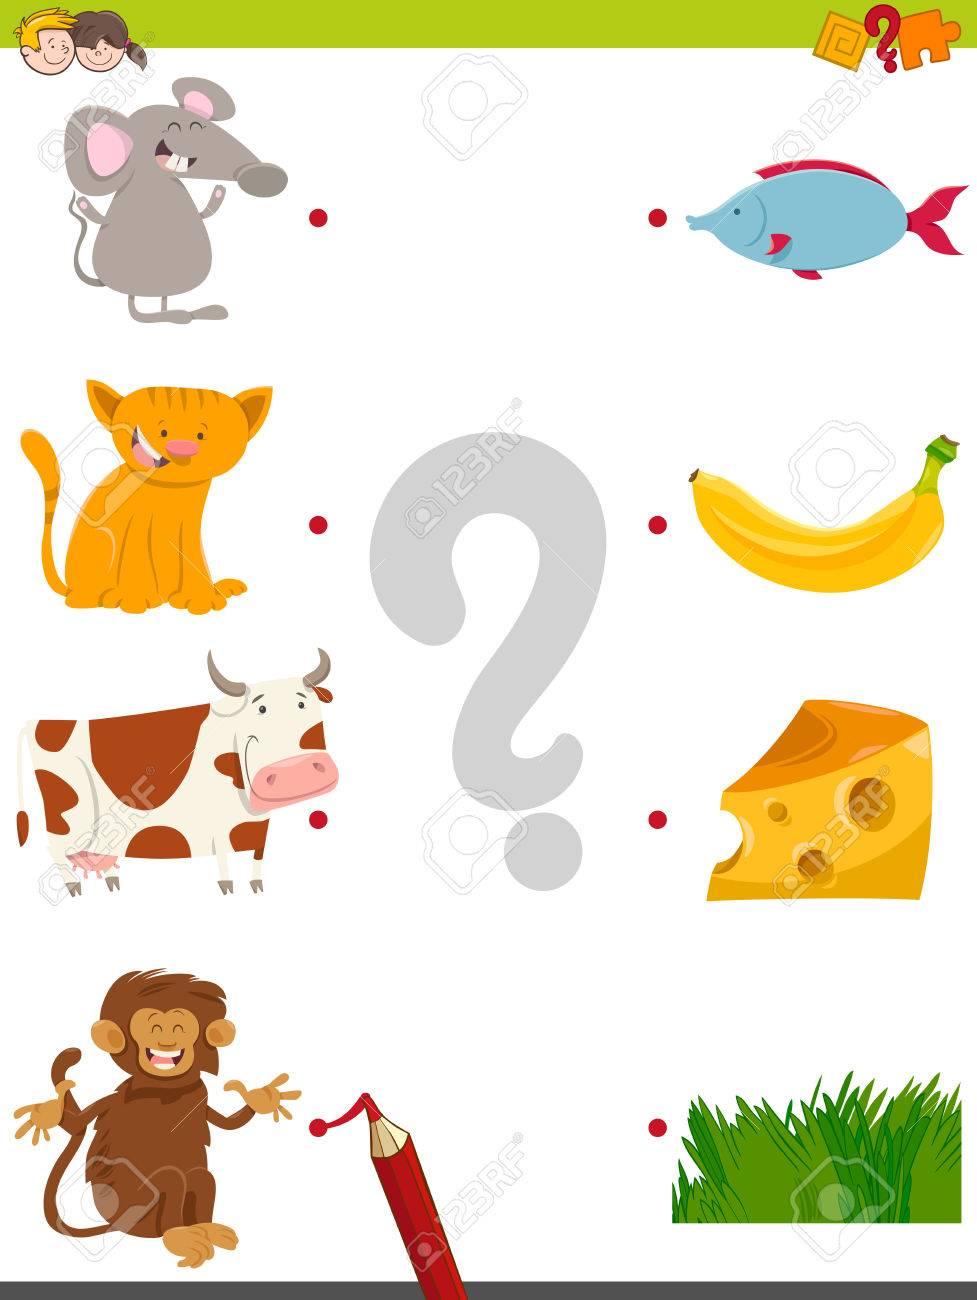 漫画イラストの教育写真マッチング活動子供のためゲーム動物文字と自分の